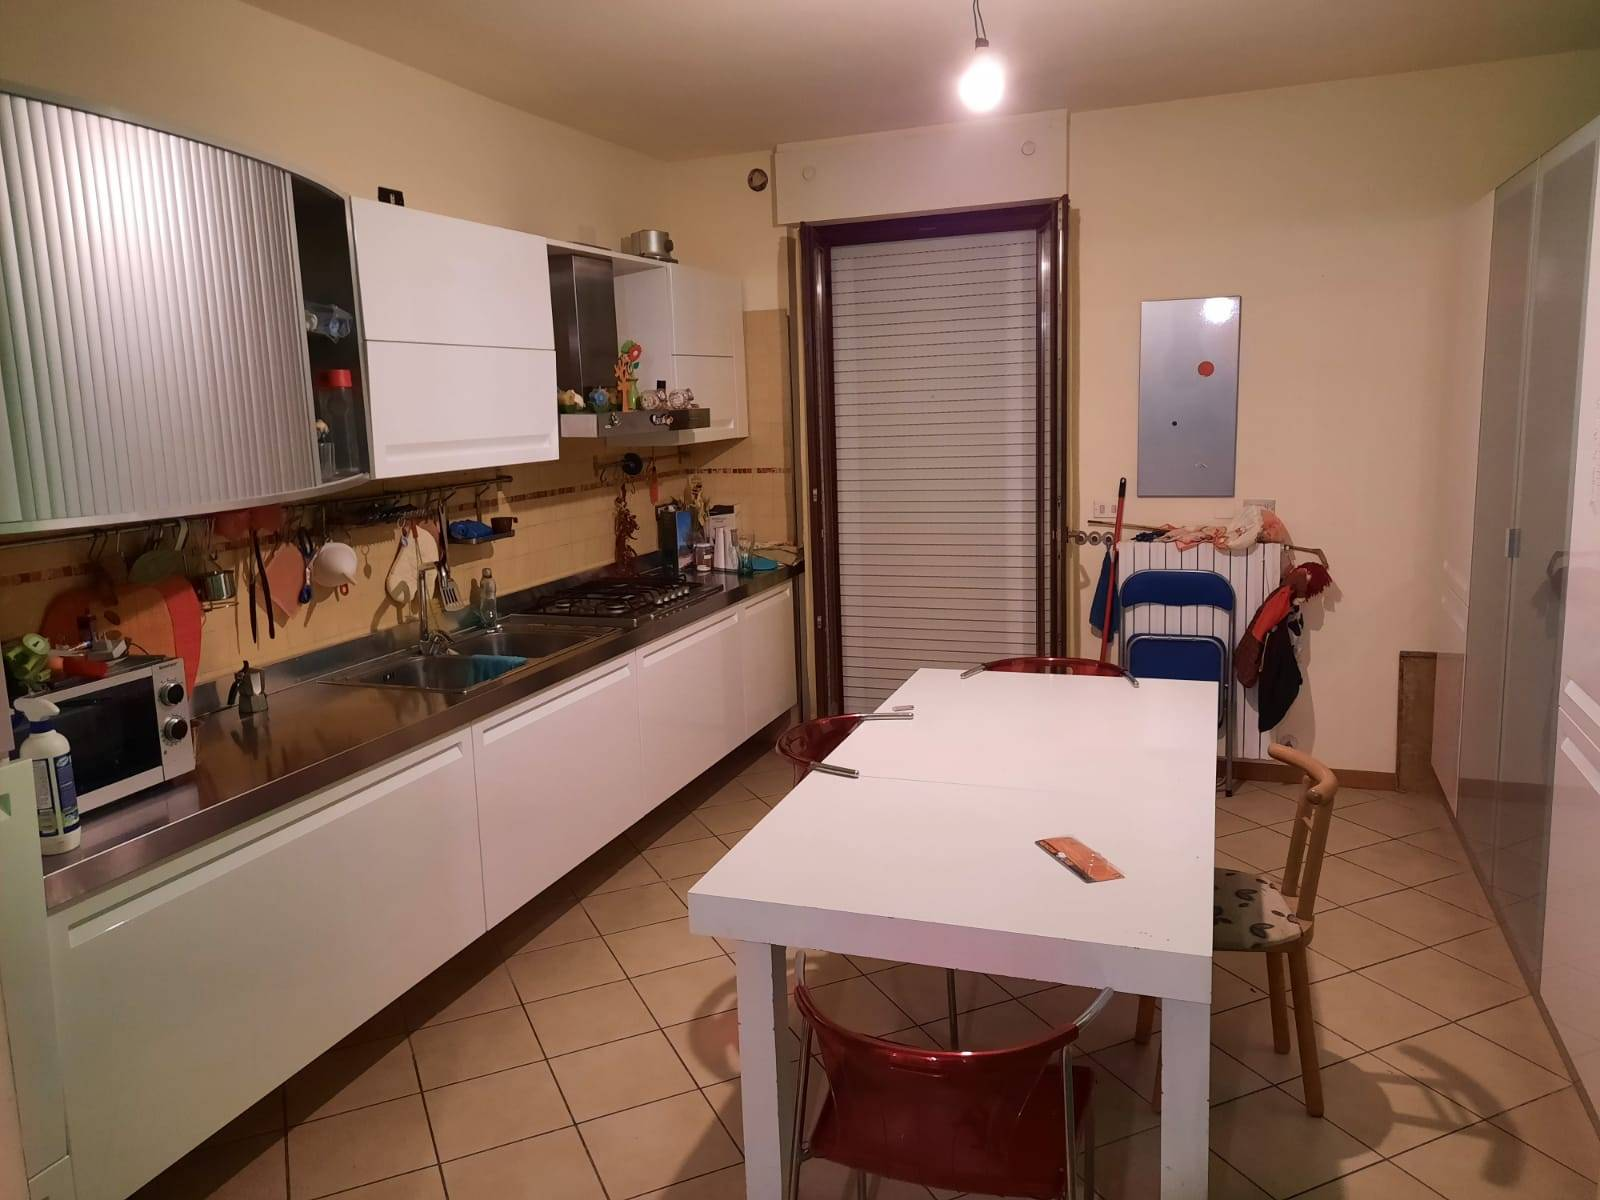 Appartamento in affitto a Tricalle, Chieti (CH)